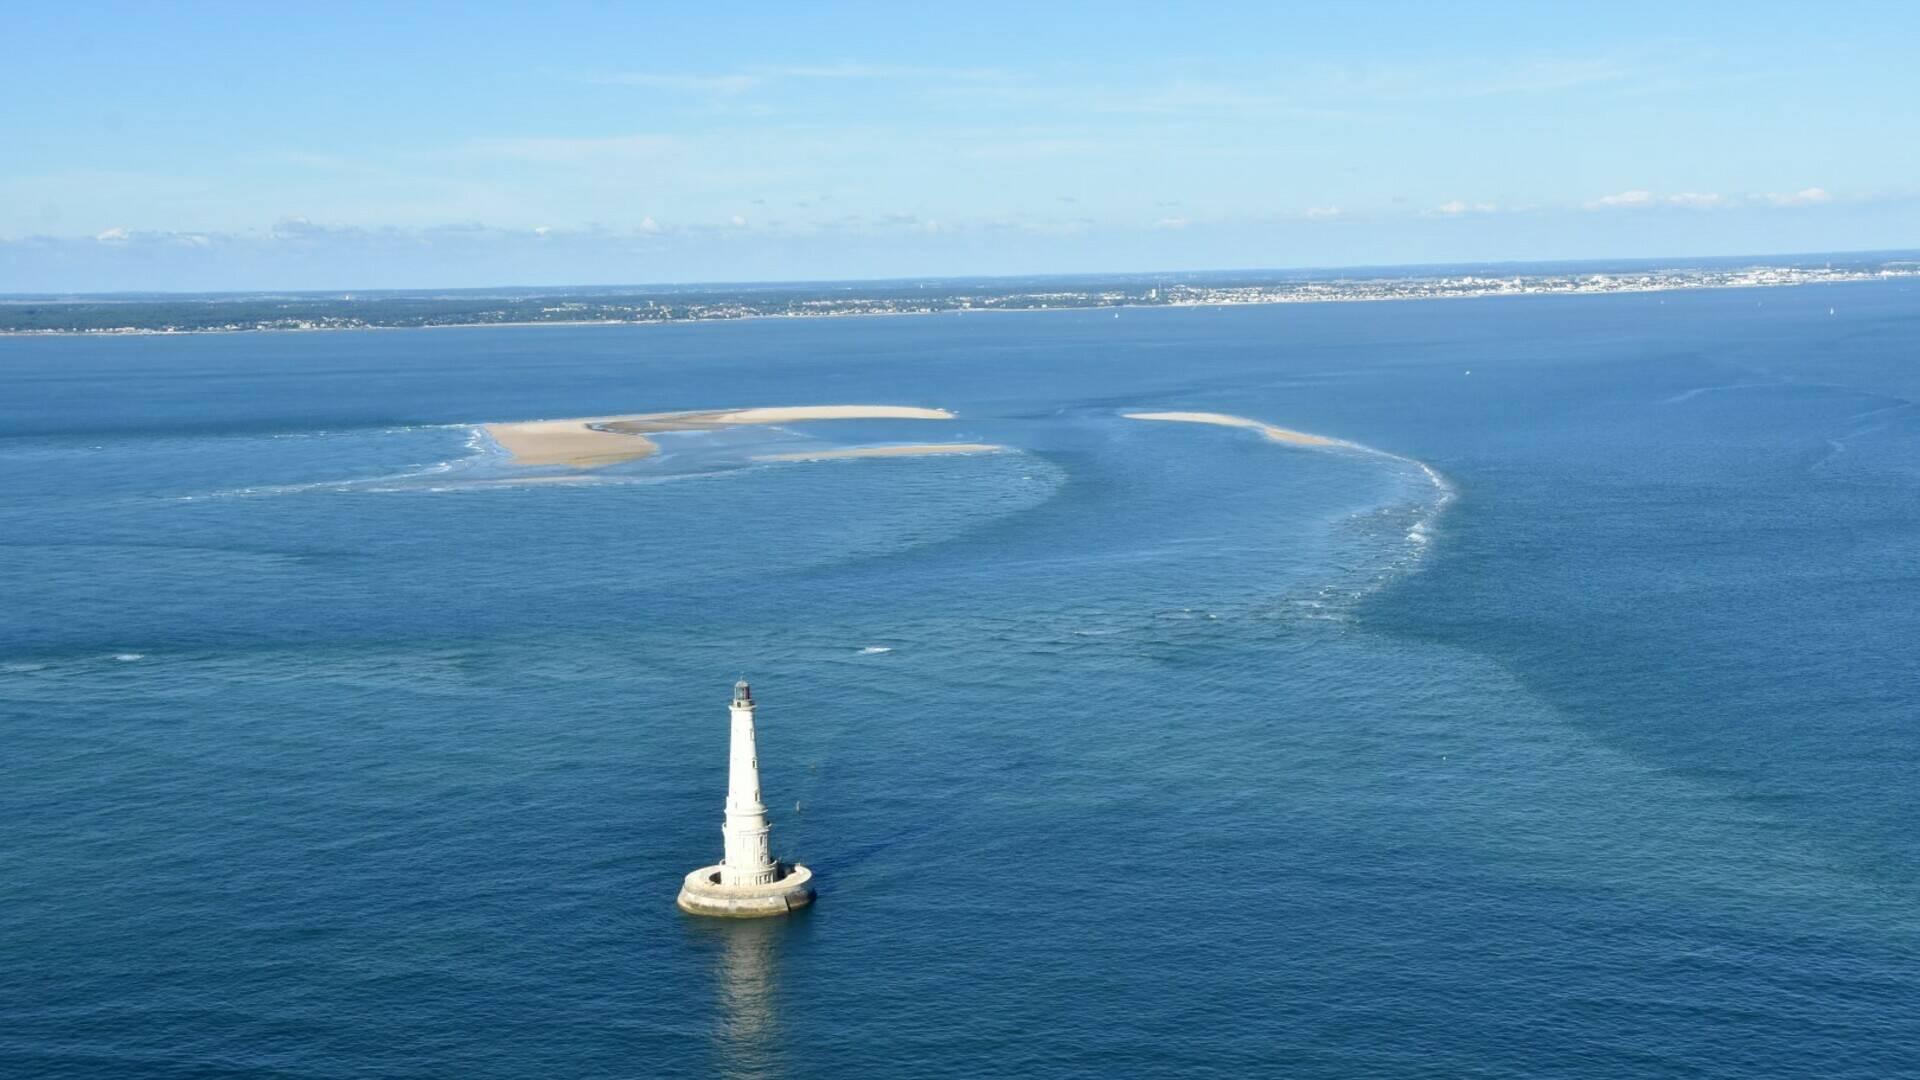 Vue aérienne du phare de Cordouan à marée haute © FDHPA 17